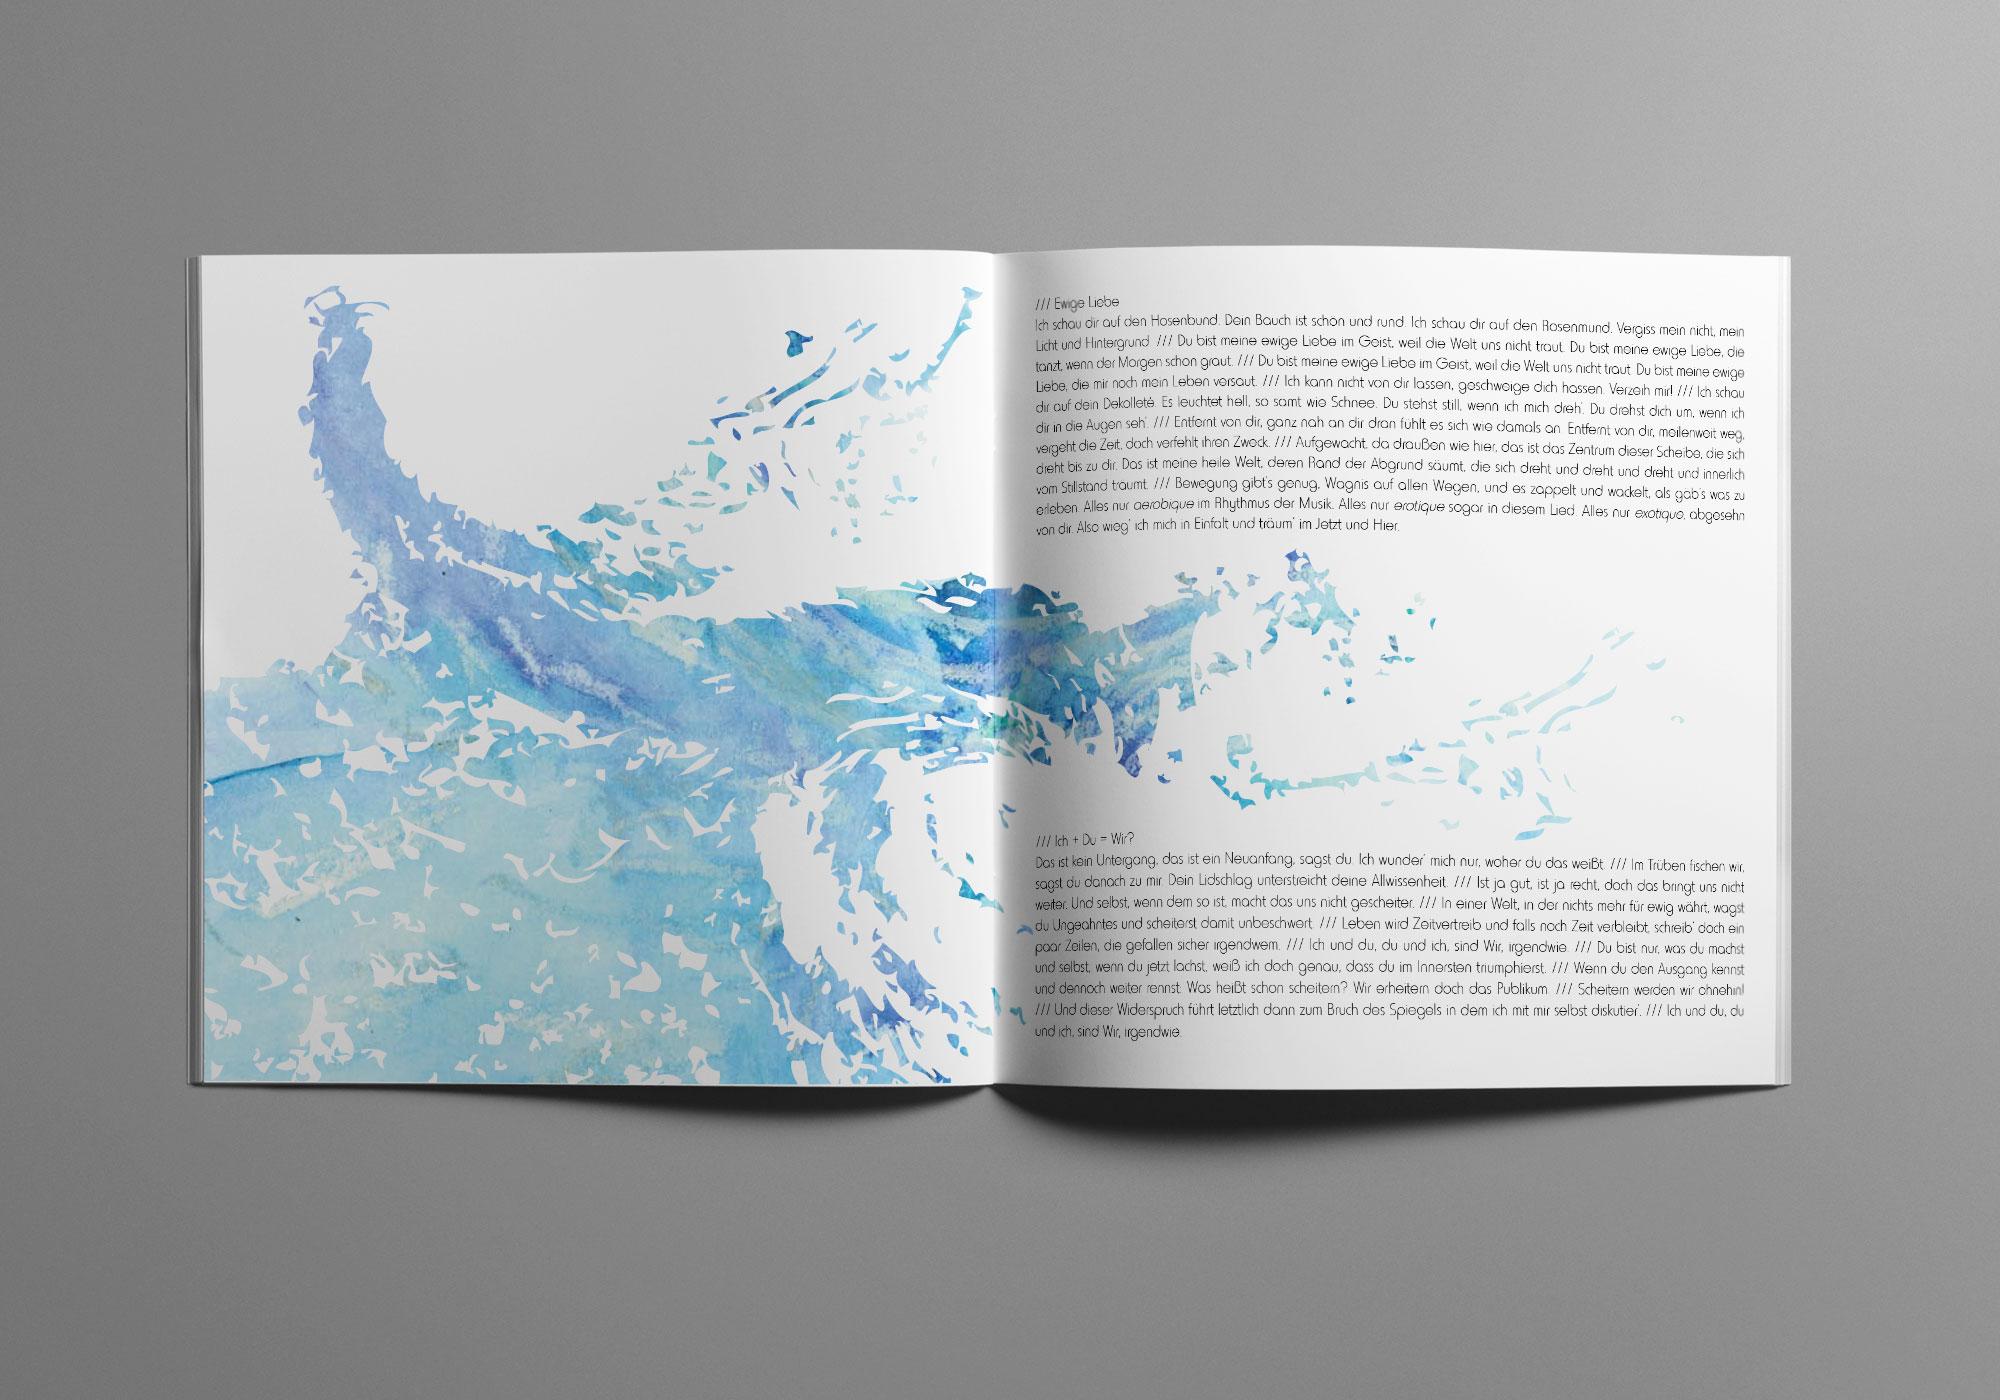 Die Doppelseite des Album Artworks zeigt Wirbel in Wasser und Wolken.